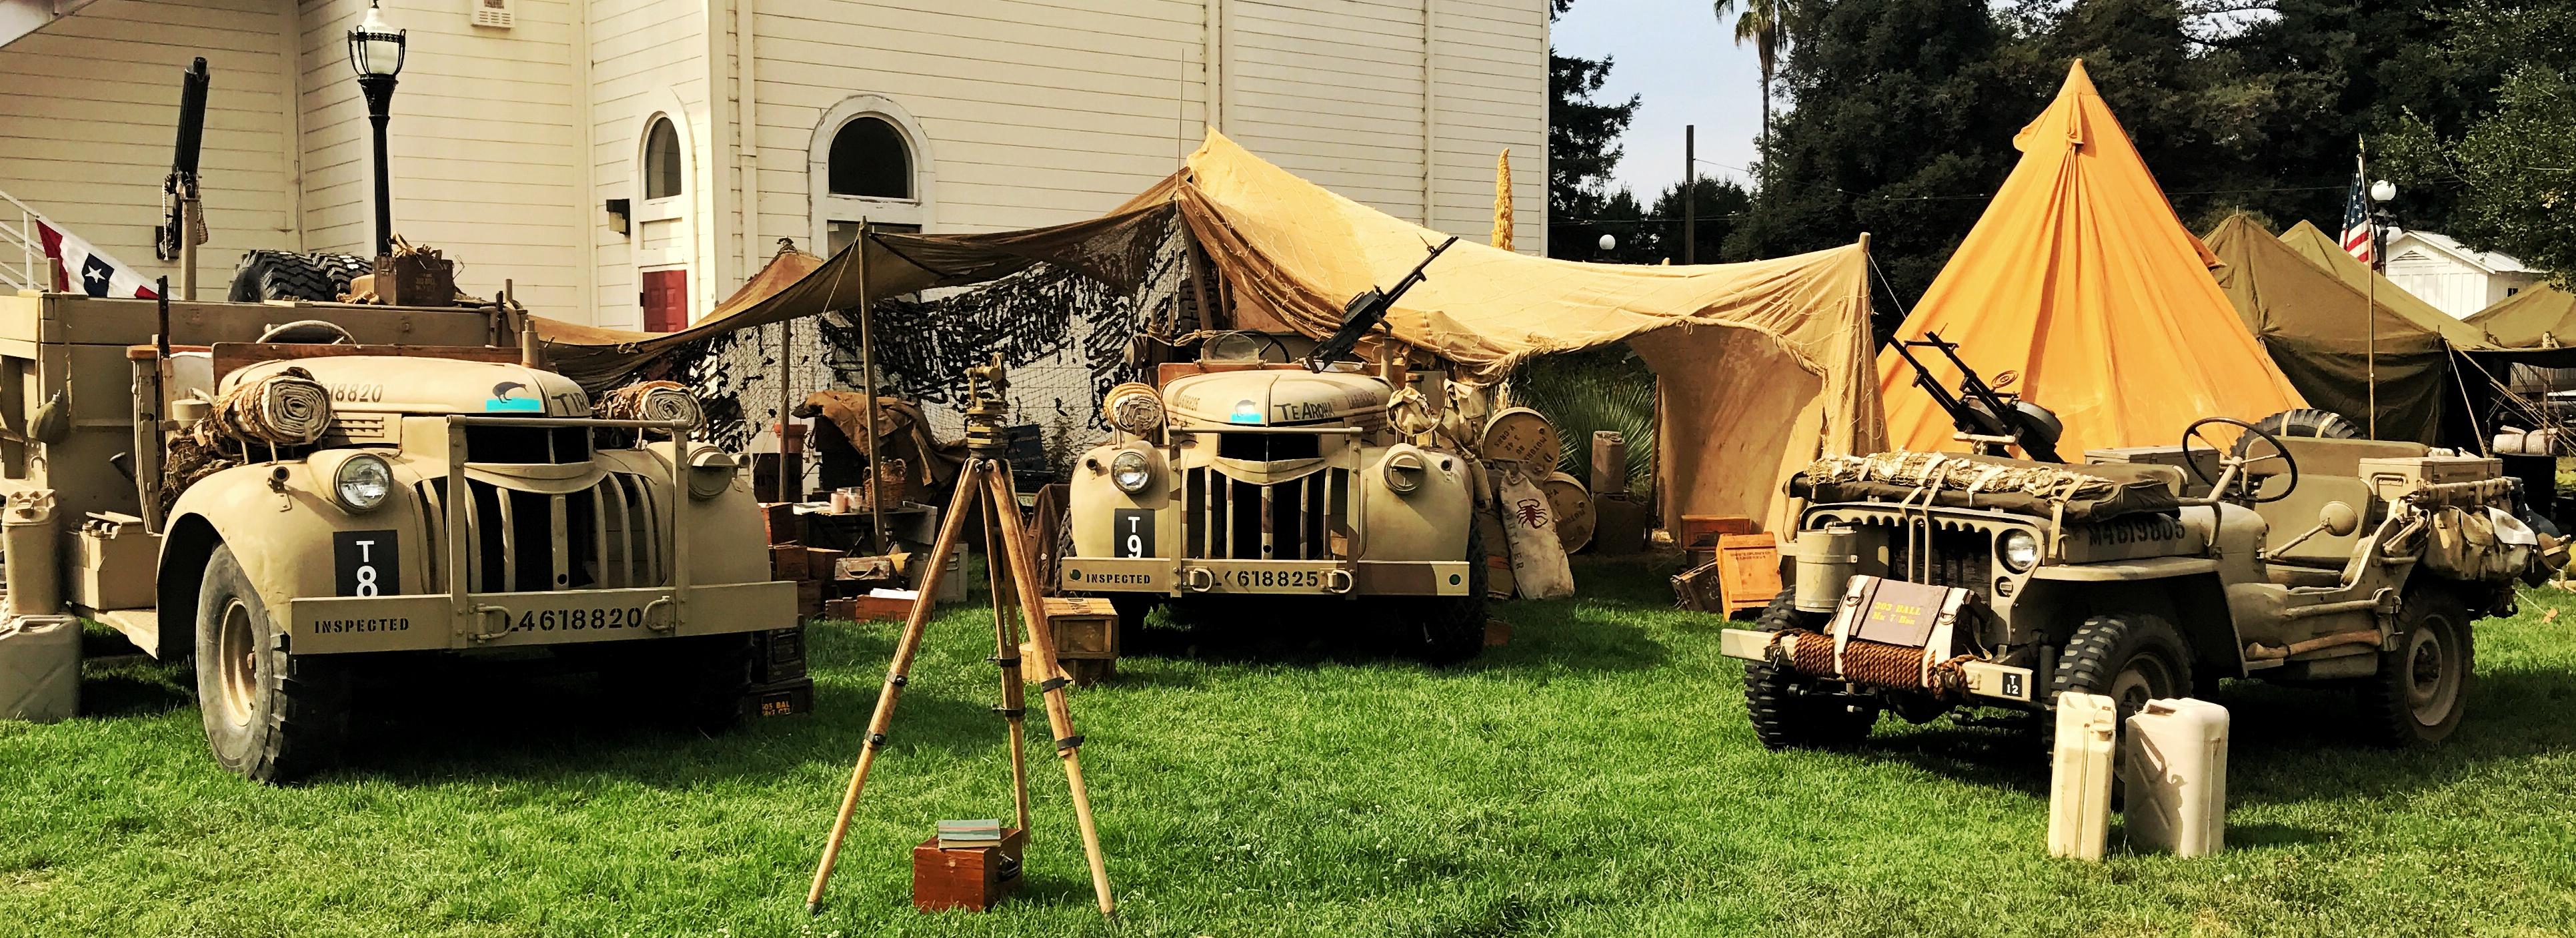 LRDG Trucks and Jeep Display